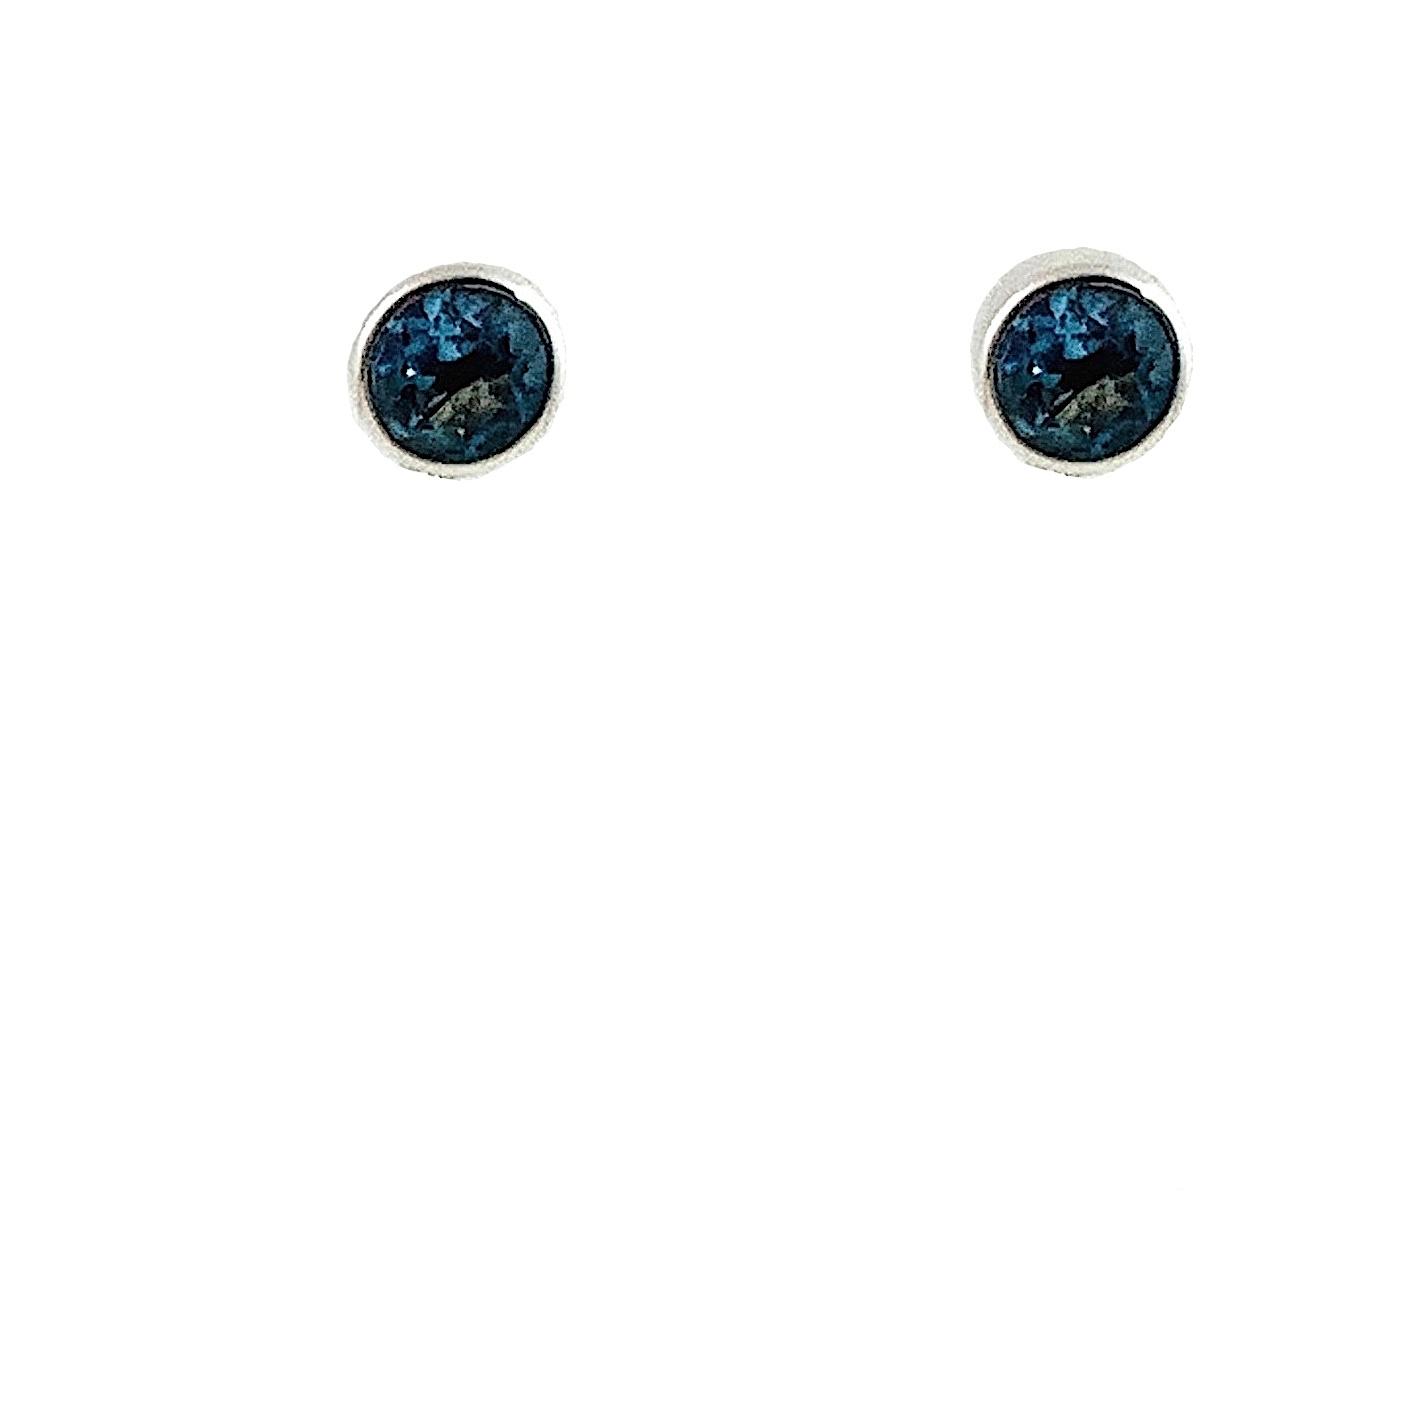 Kiliaan collectie Oorsteker Londen blue topaas